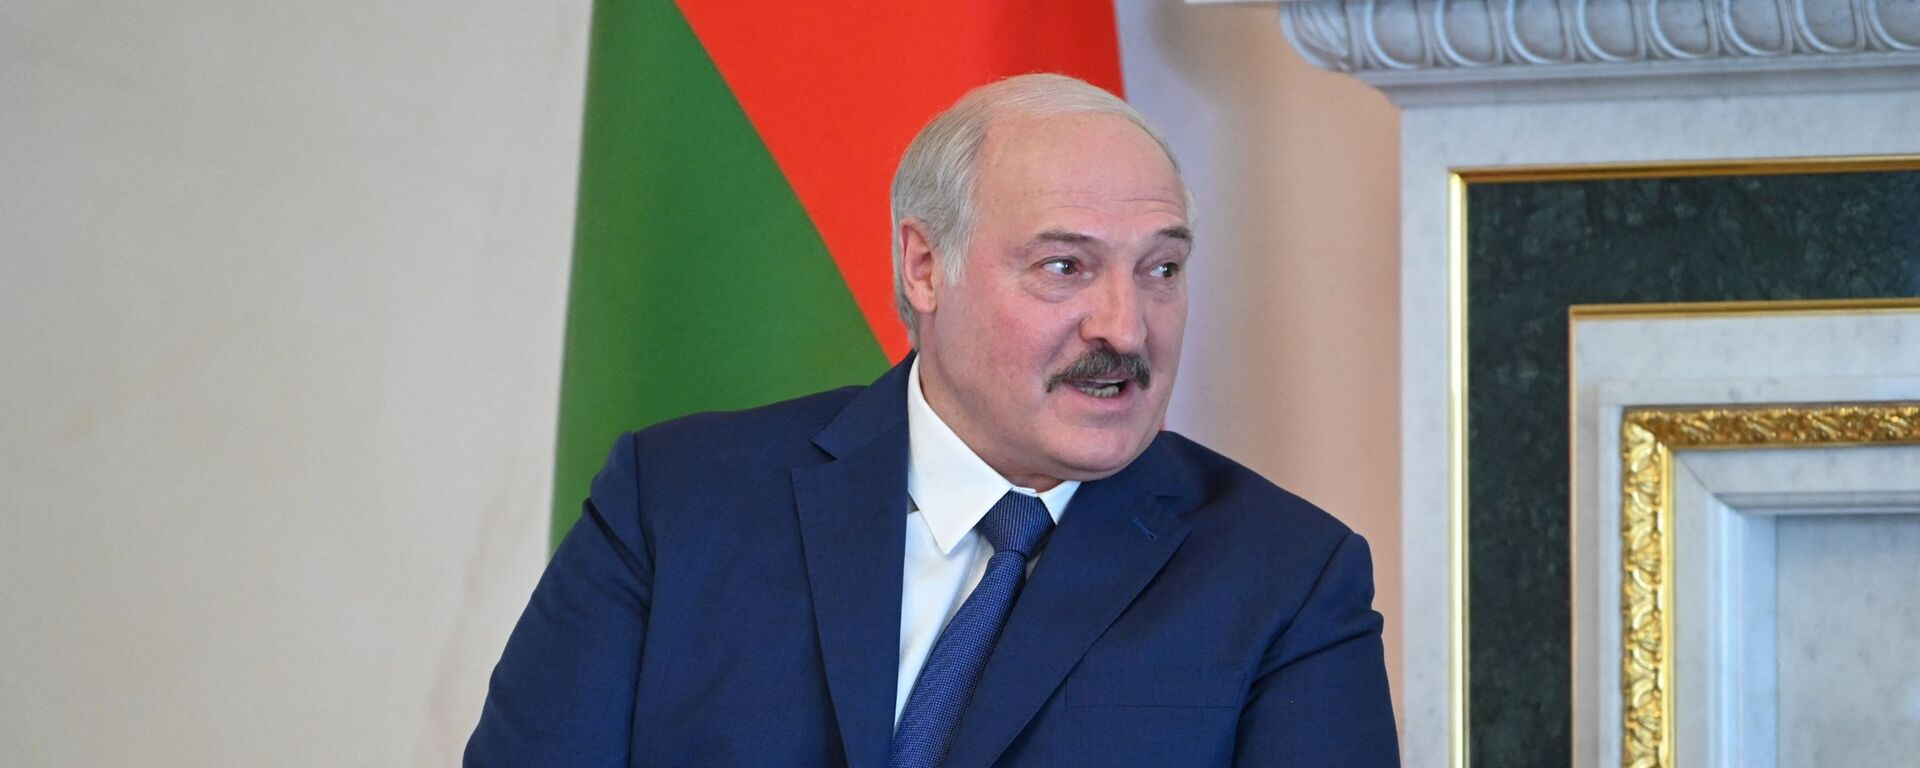 Aleksandr Lukaşenko - Sputnik Türkiye, 1920, 12.09.2021